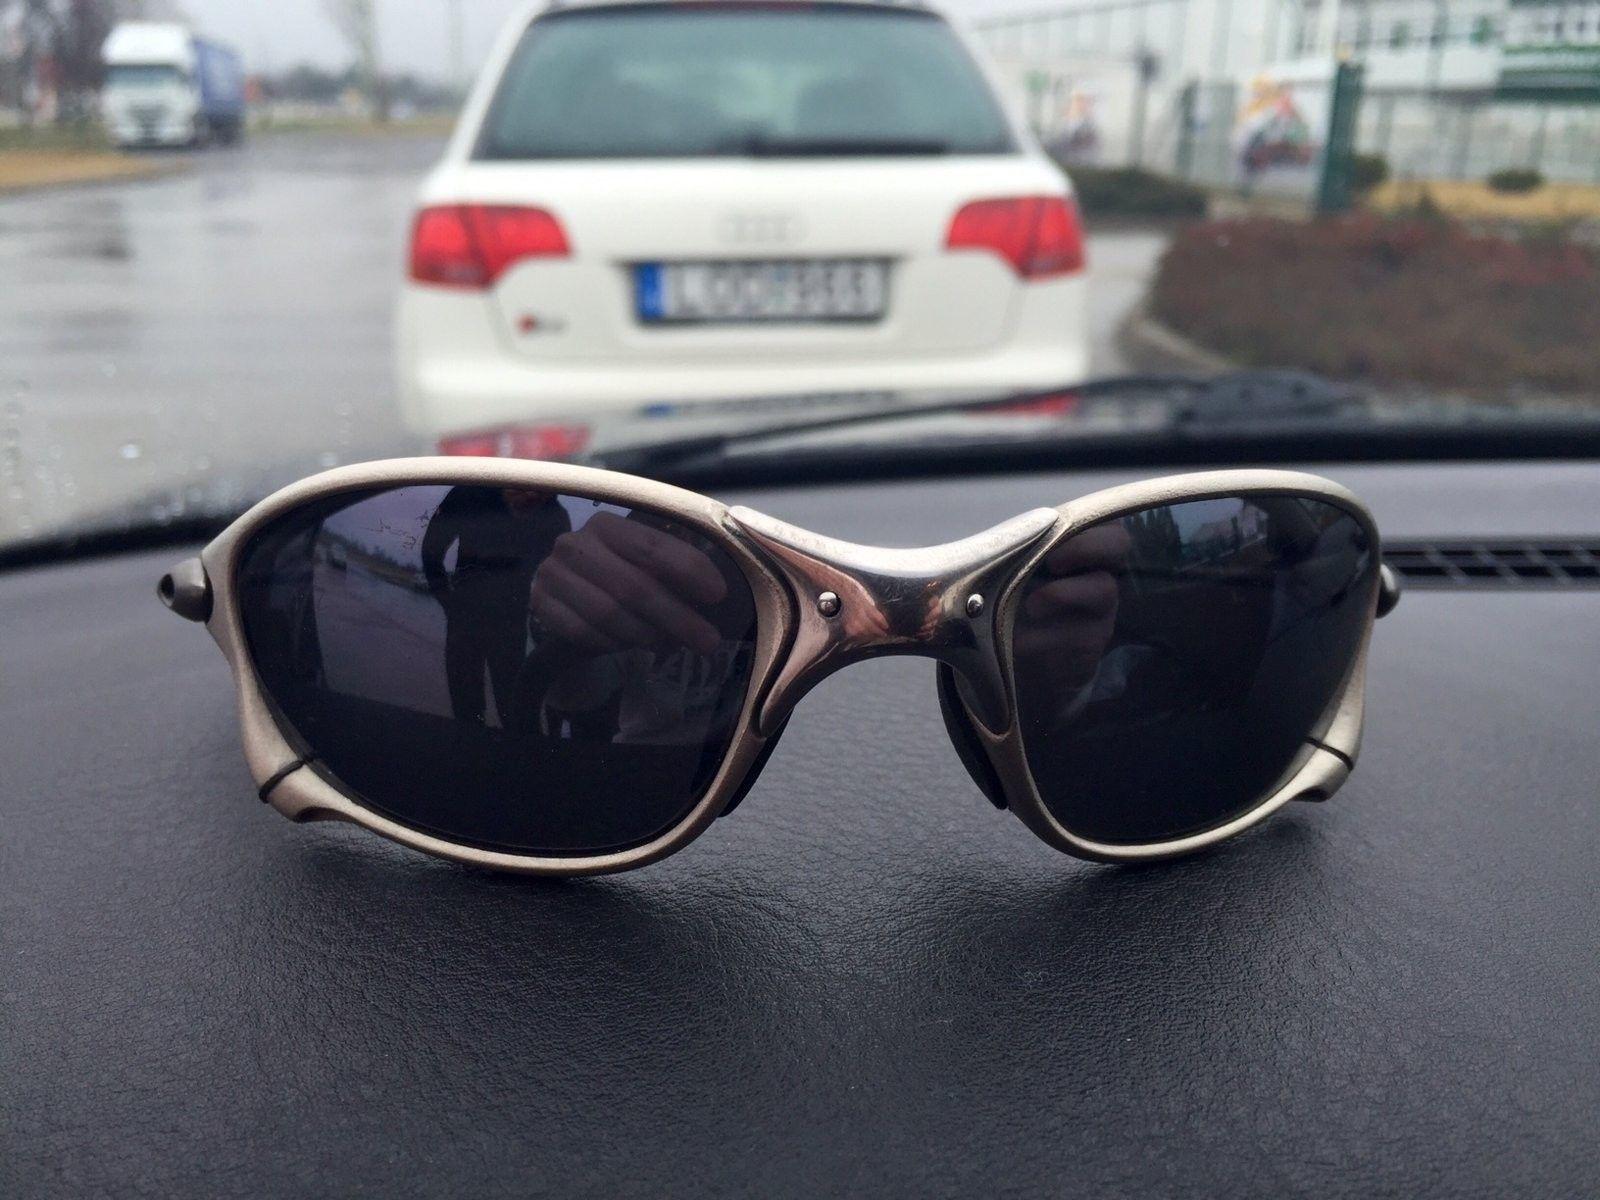 Custom XX tiO2 350 usd - kk3.jpg